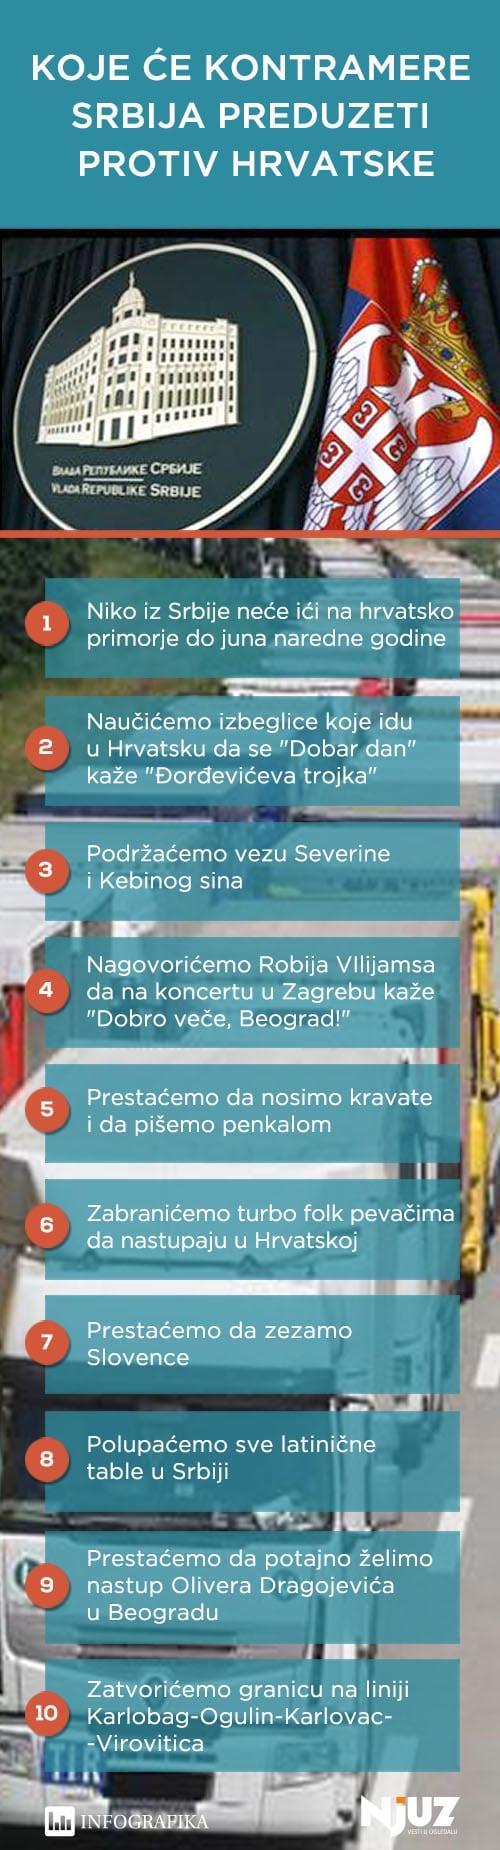 kontramere prema hrvatskoj